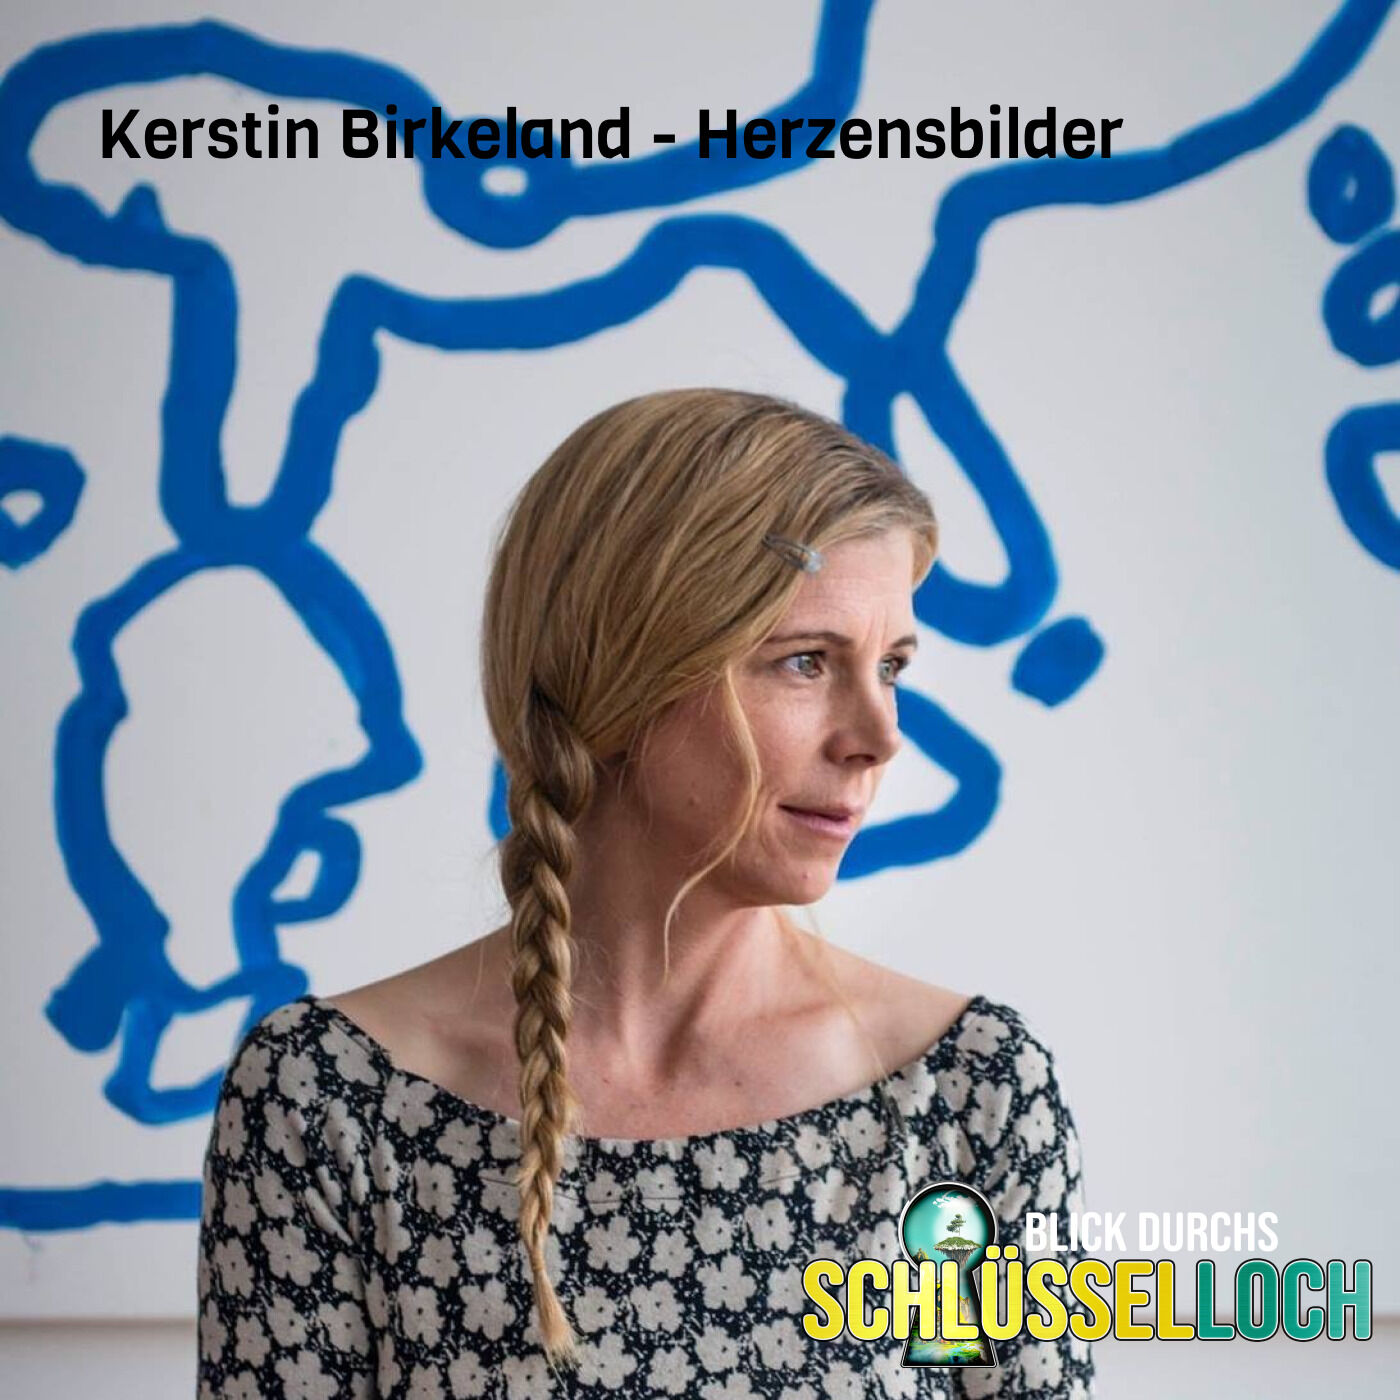 #23 Ich habe aus meinen Scherben Herzensbilder gegründet! Kerstin Birkeland